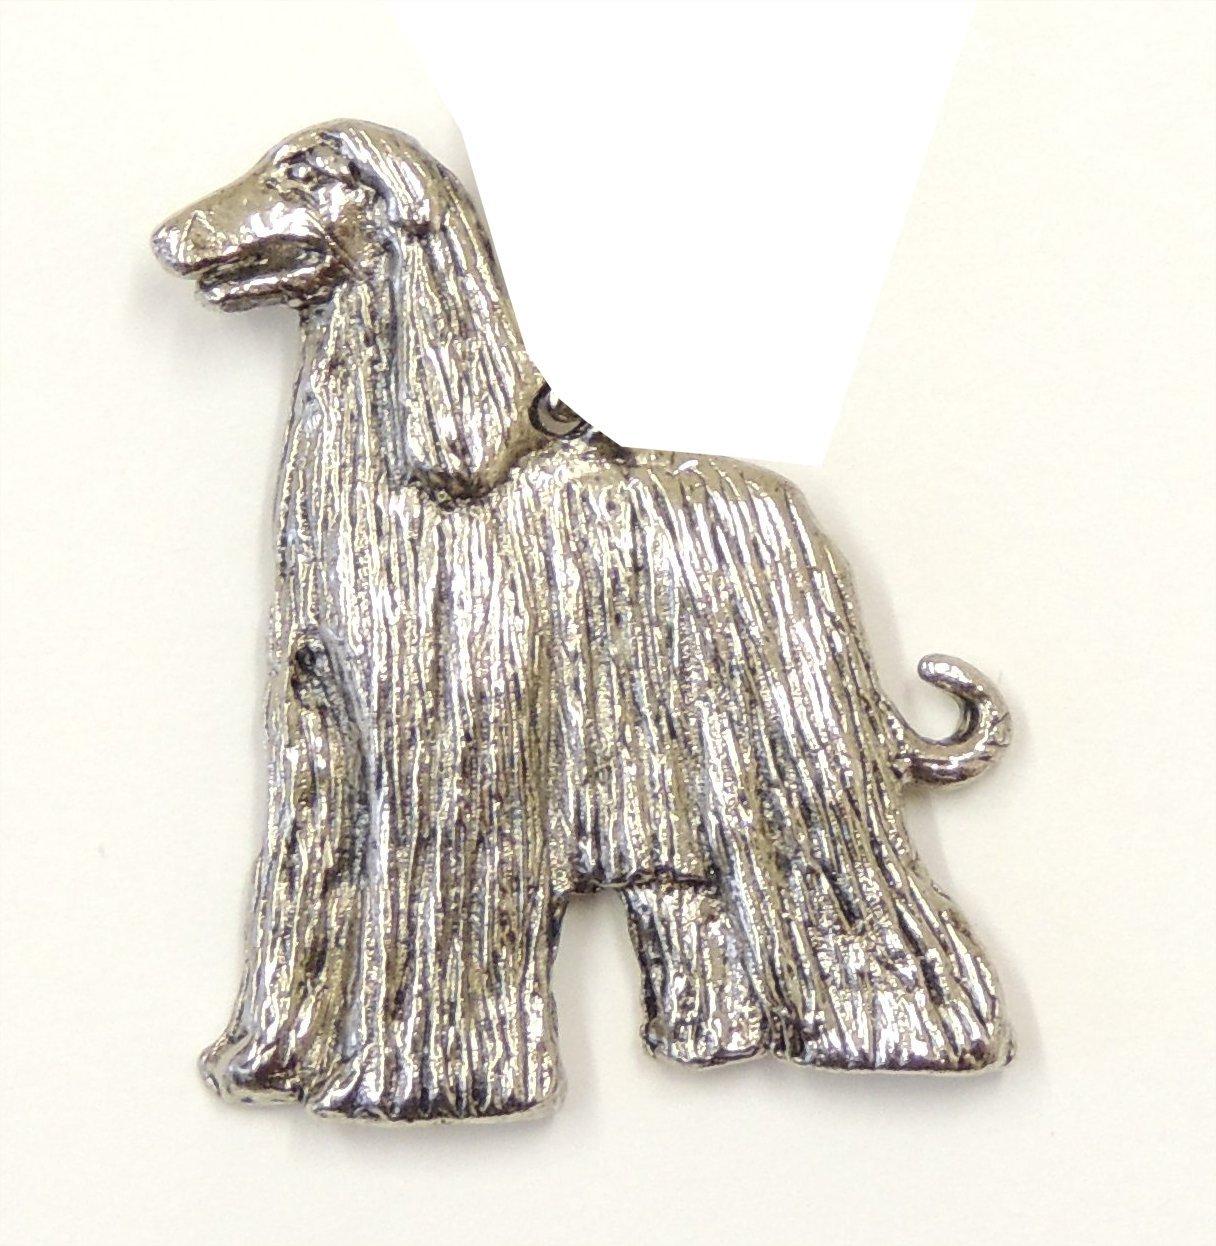 Afghan Hound Brooch Silver Finish